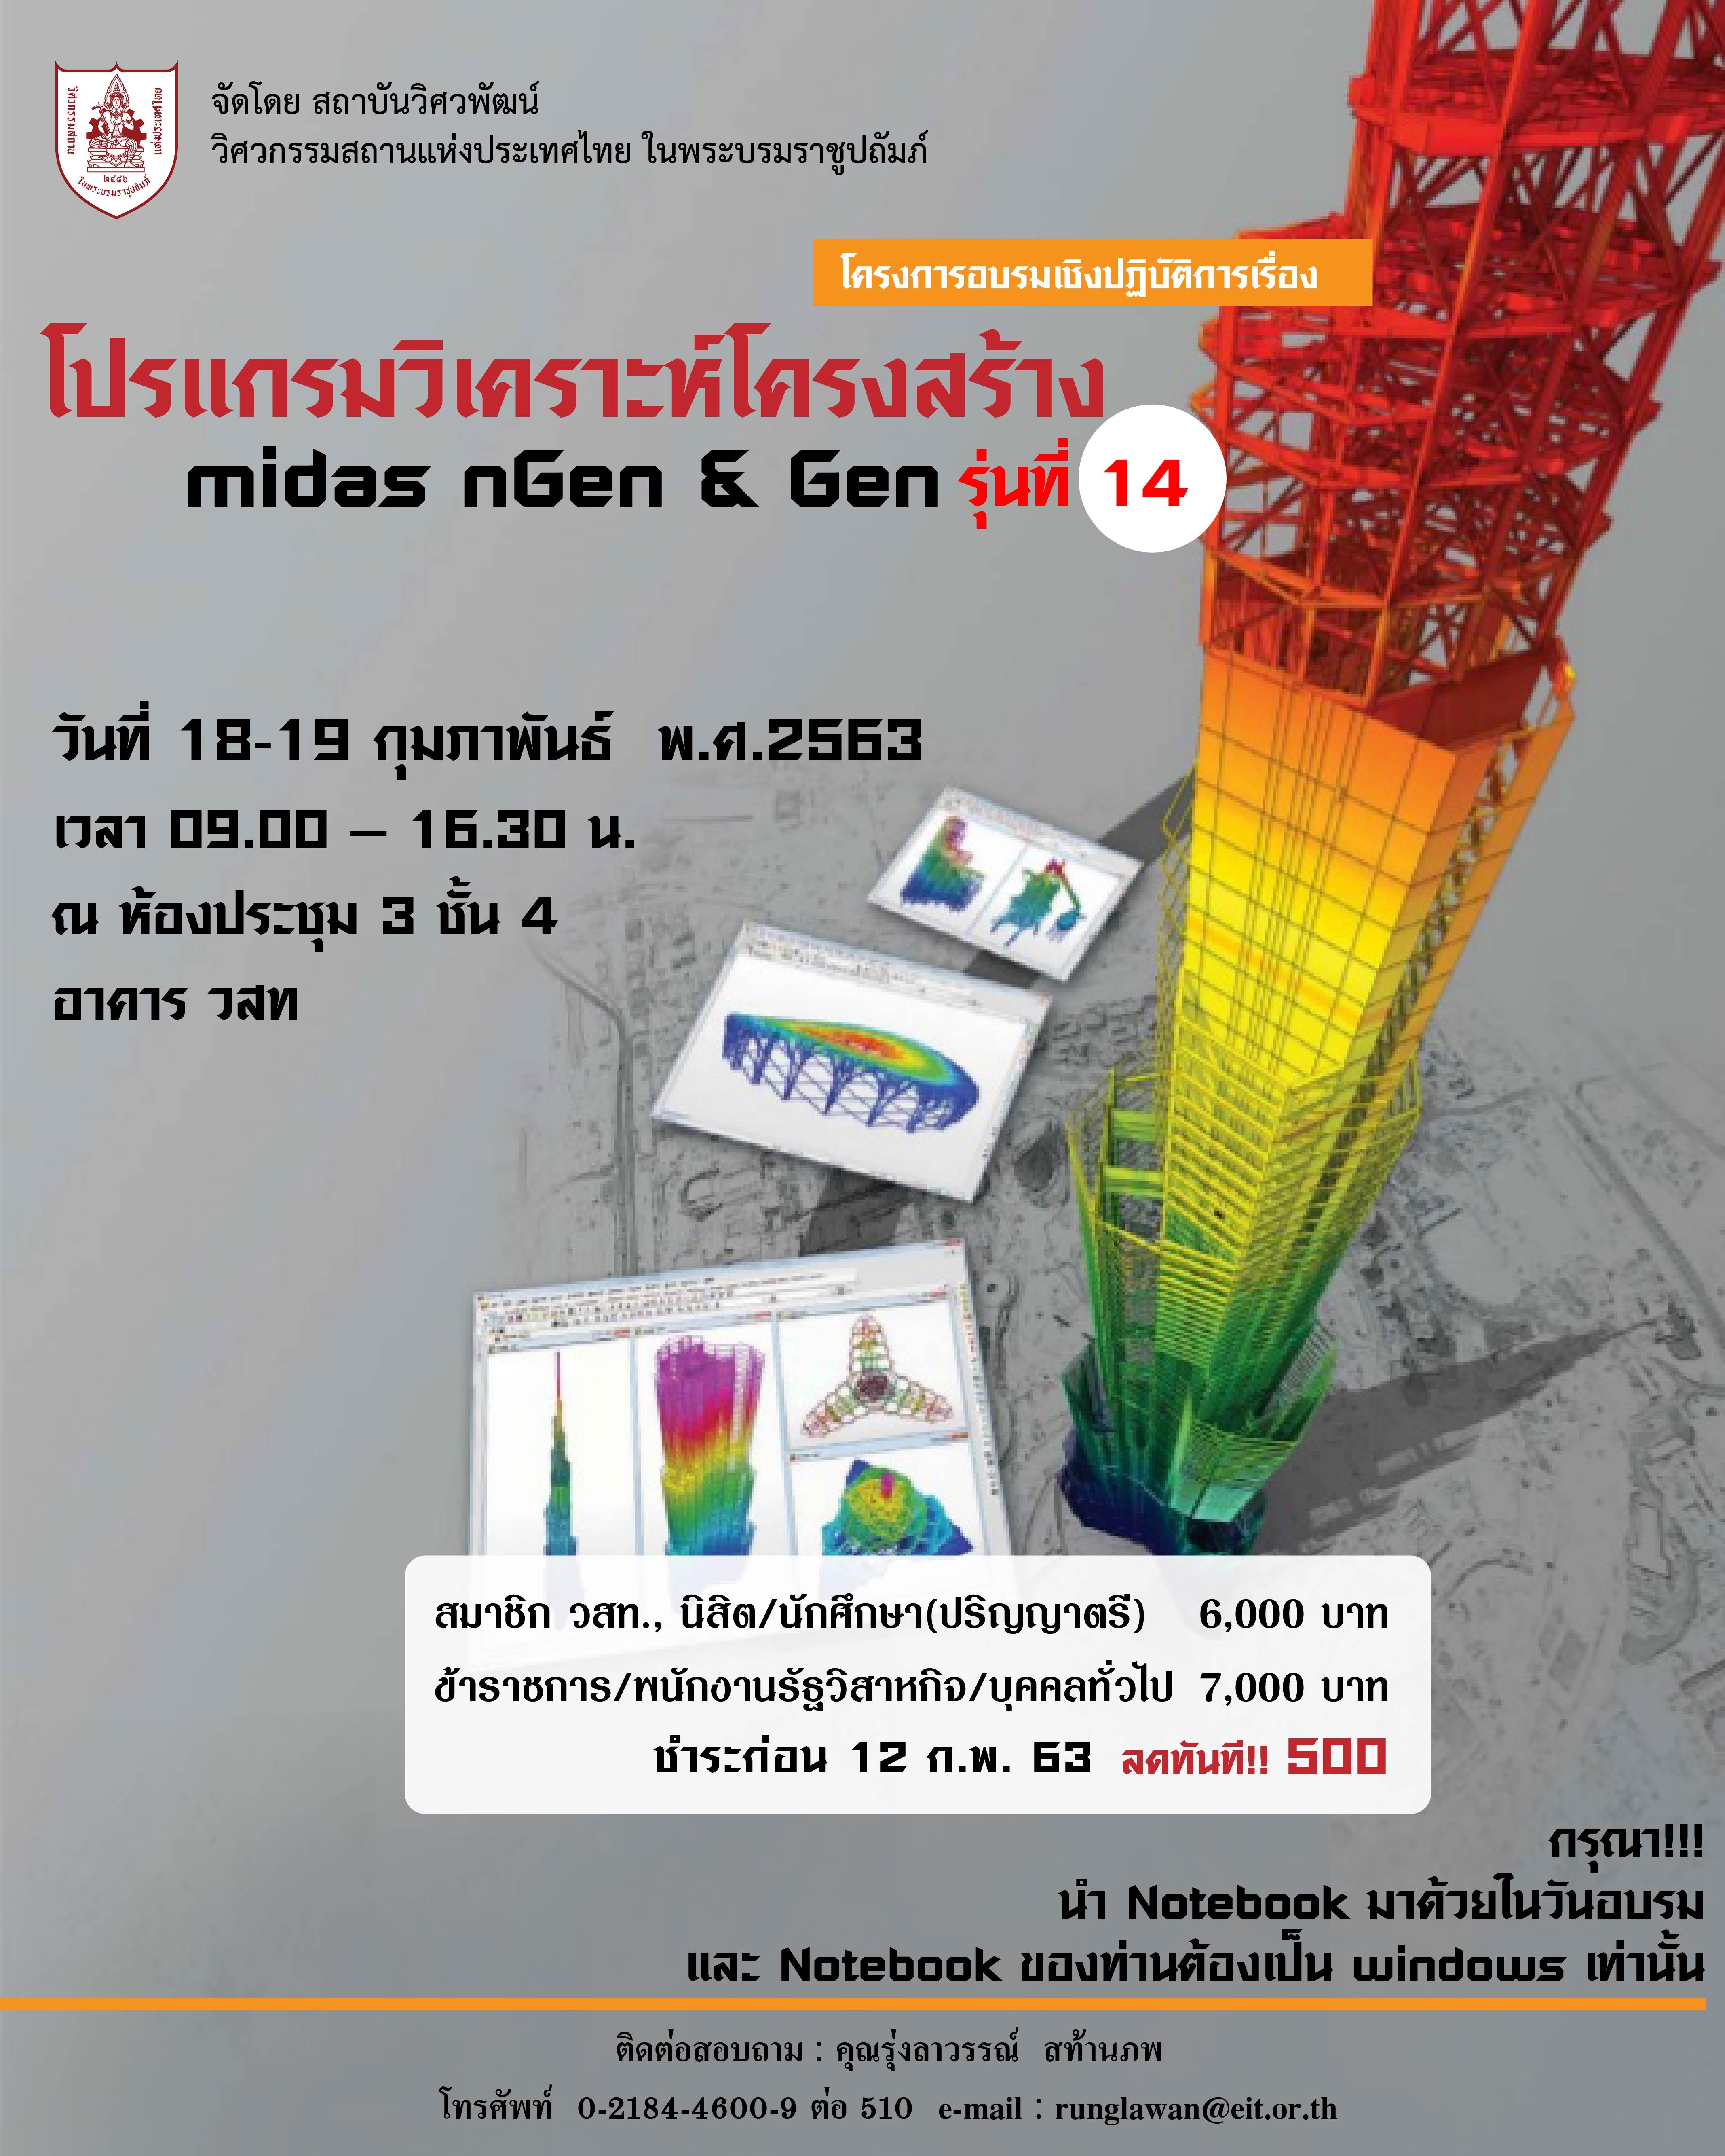 18-19/02/2563 การอบรมเชิงปฏิบัติการเรื่อง โปรแกรมวิเคราะห์โครงสร้าง midas nGen & Gen รุ่นที่ 14  *เต็ม*